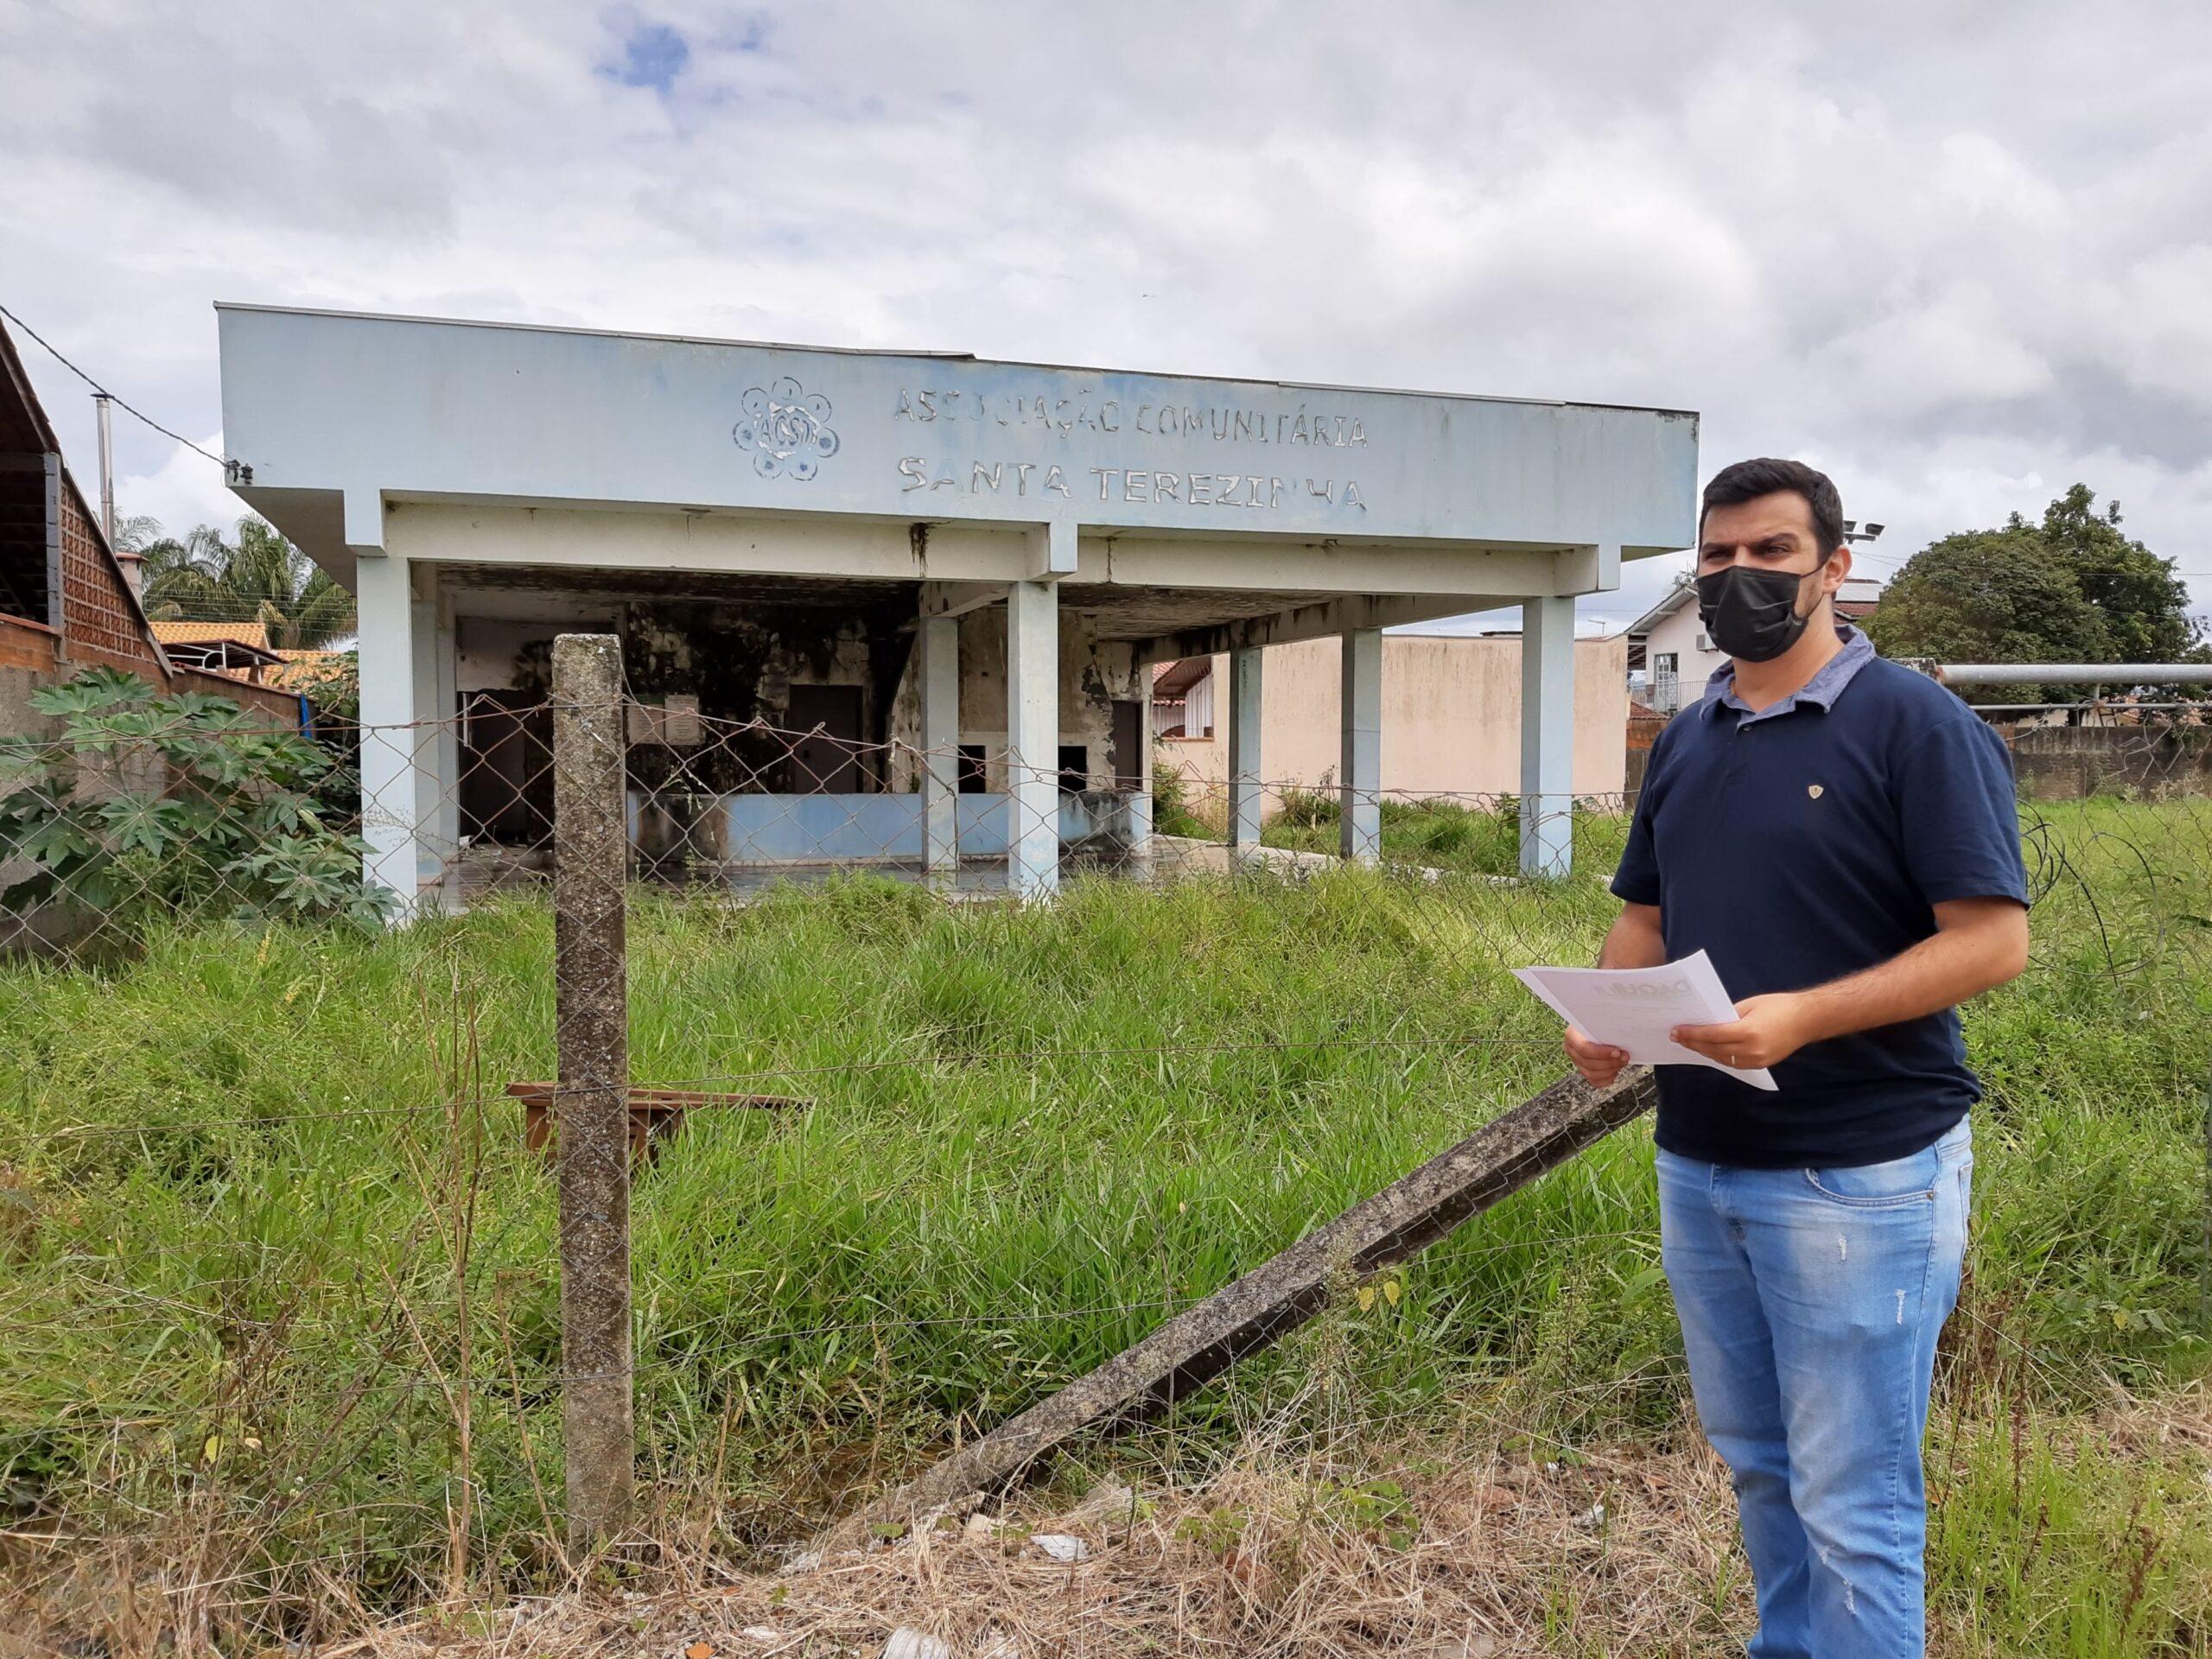 Vereador pede informações sobre área da Associação Comunitária Santa Terezinha